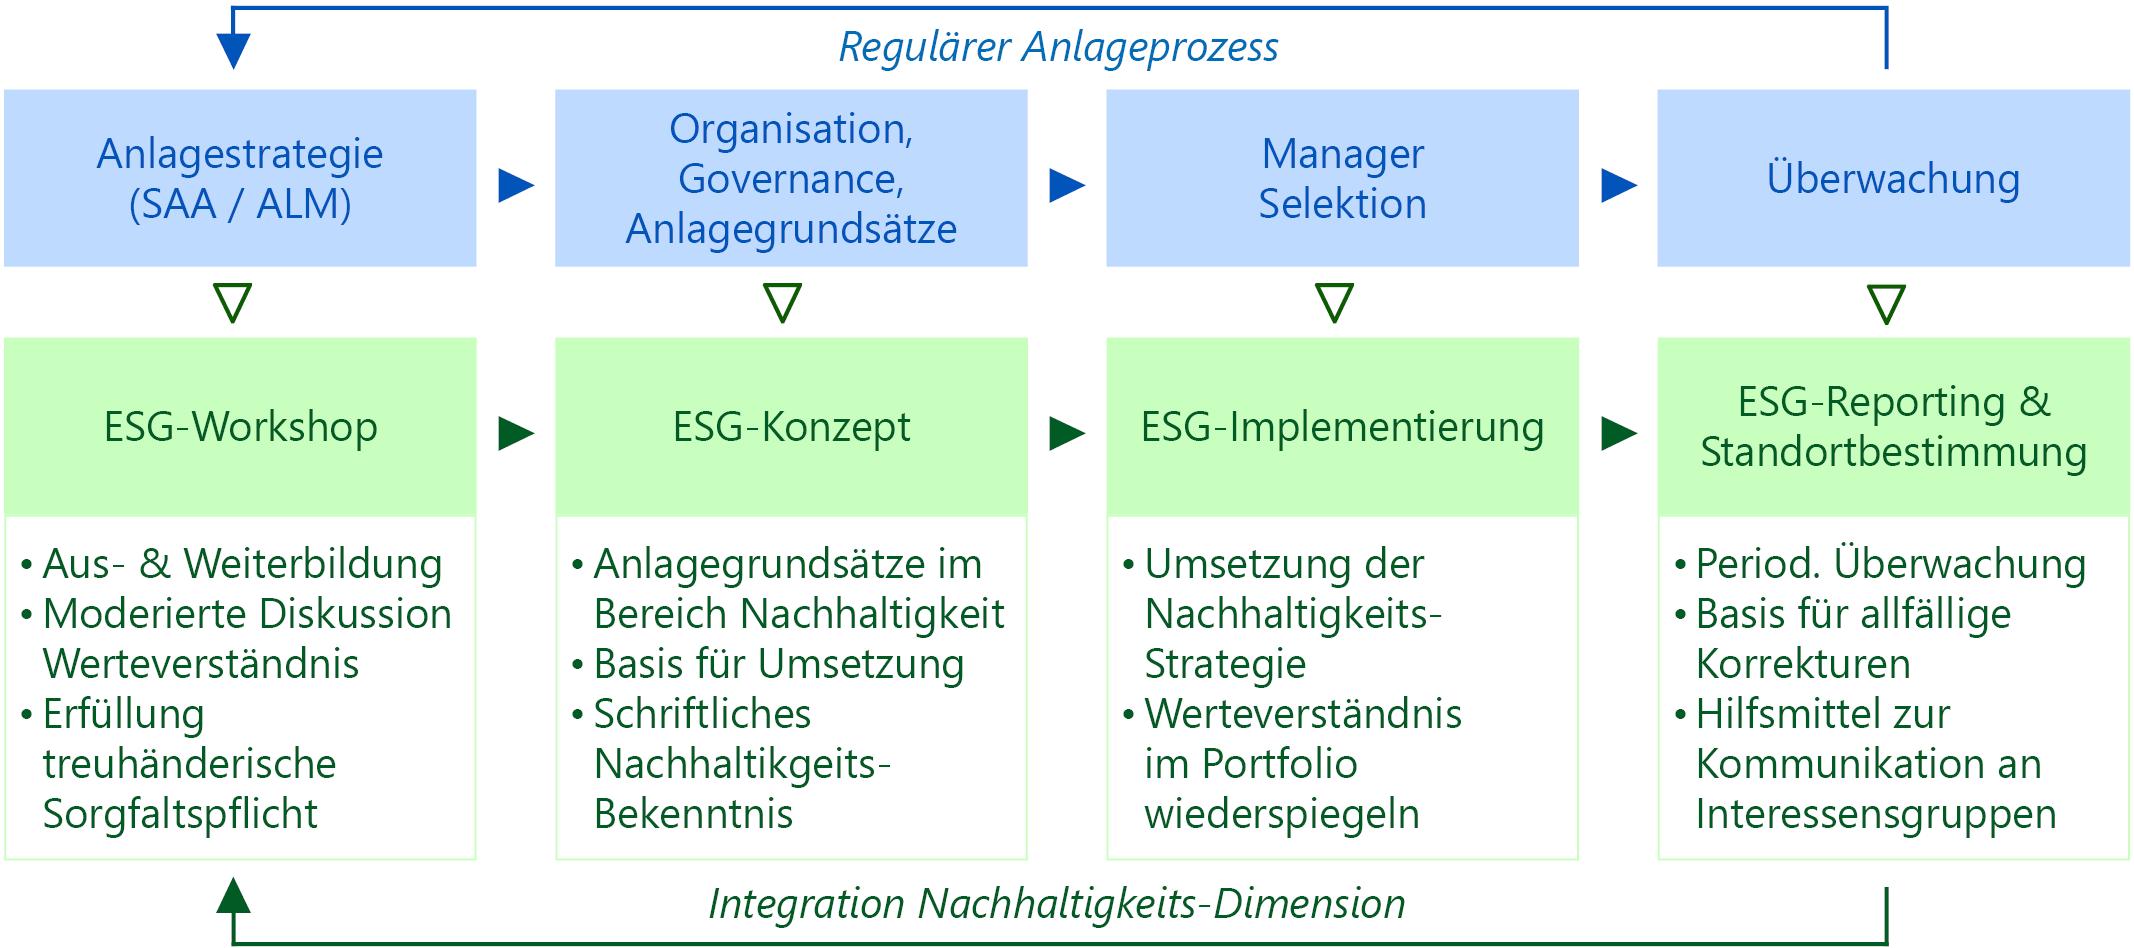 ESG im Anlageprozess